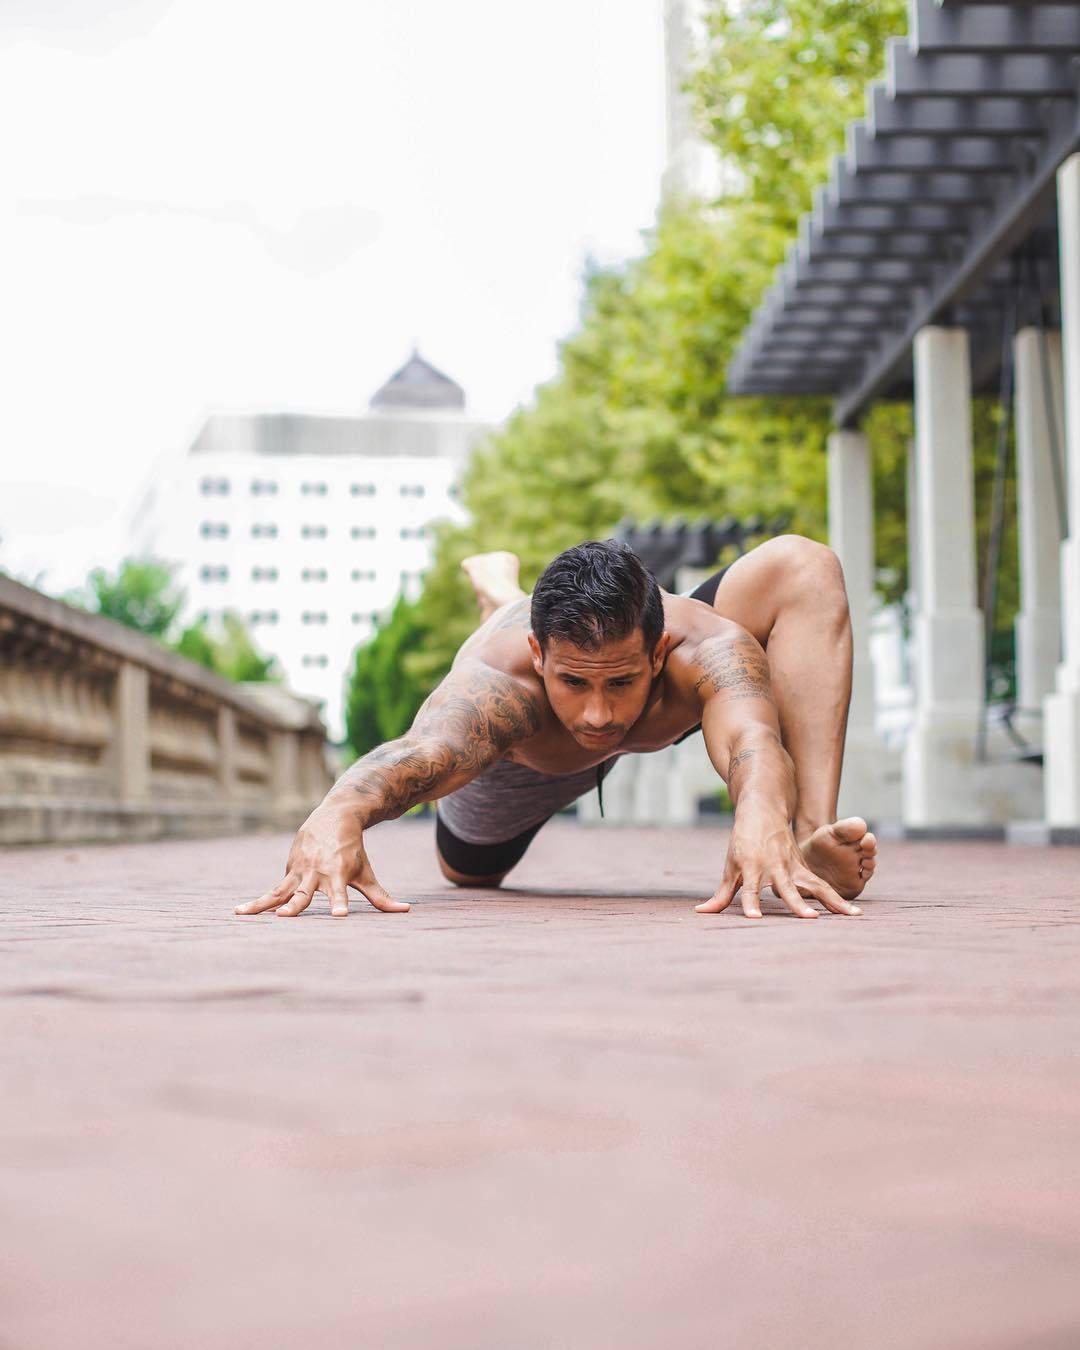 按照小我私家接管本领你也可以让本身的腿做出一些此外能减轻压力的行动